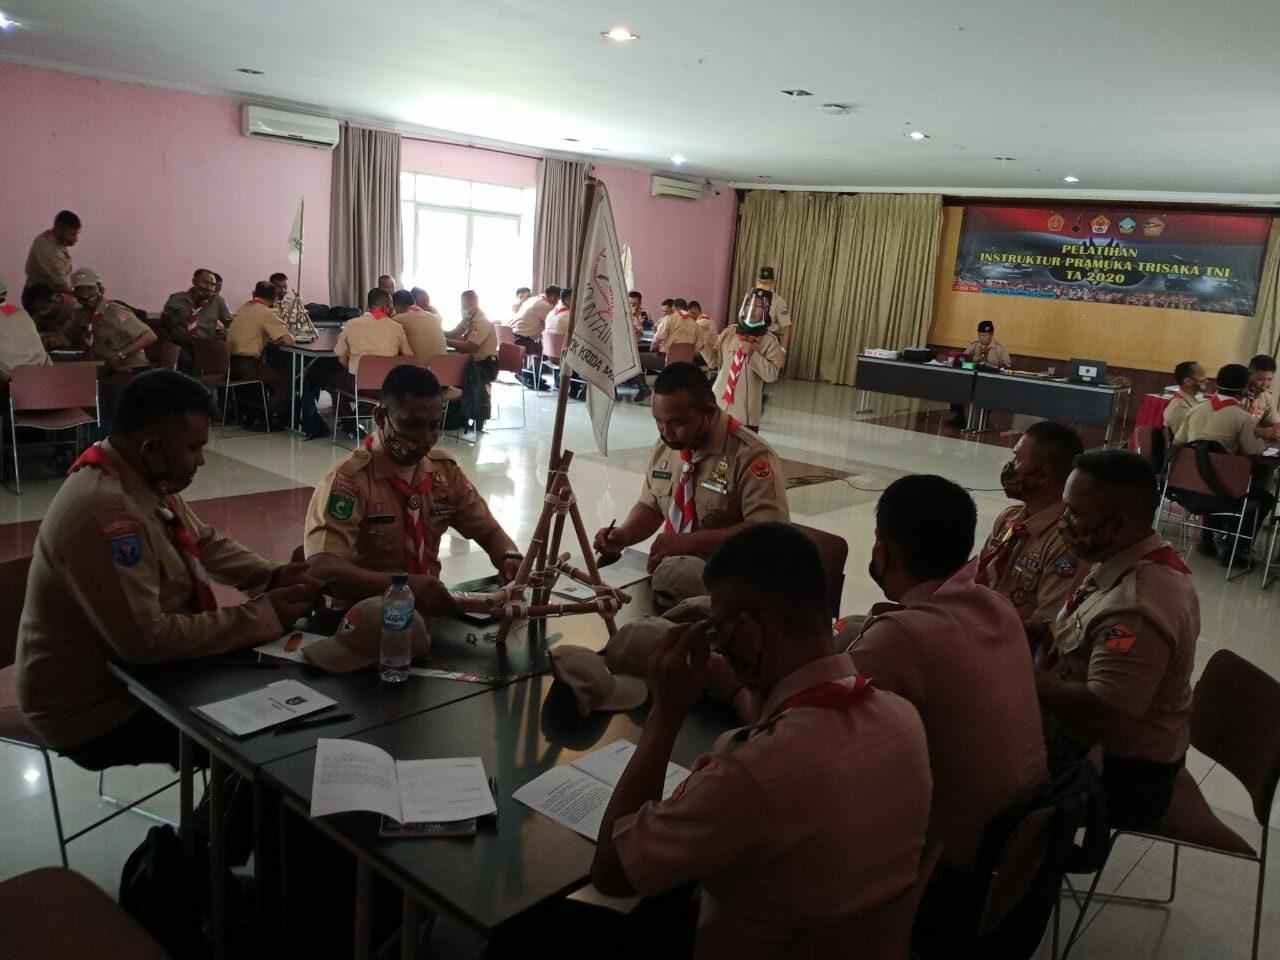 3 Personel Binpotdirga Lanud Rsn Ikuti Pelatihan Instruktur Pramuka